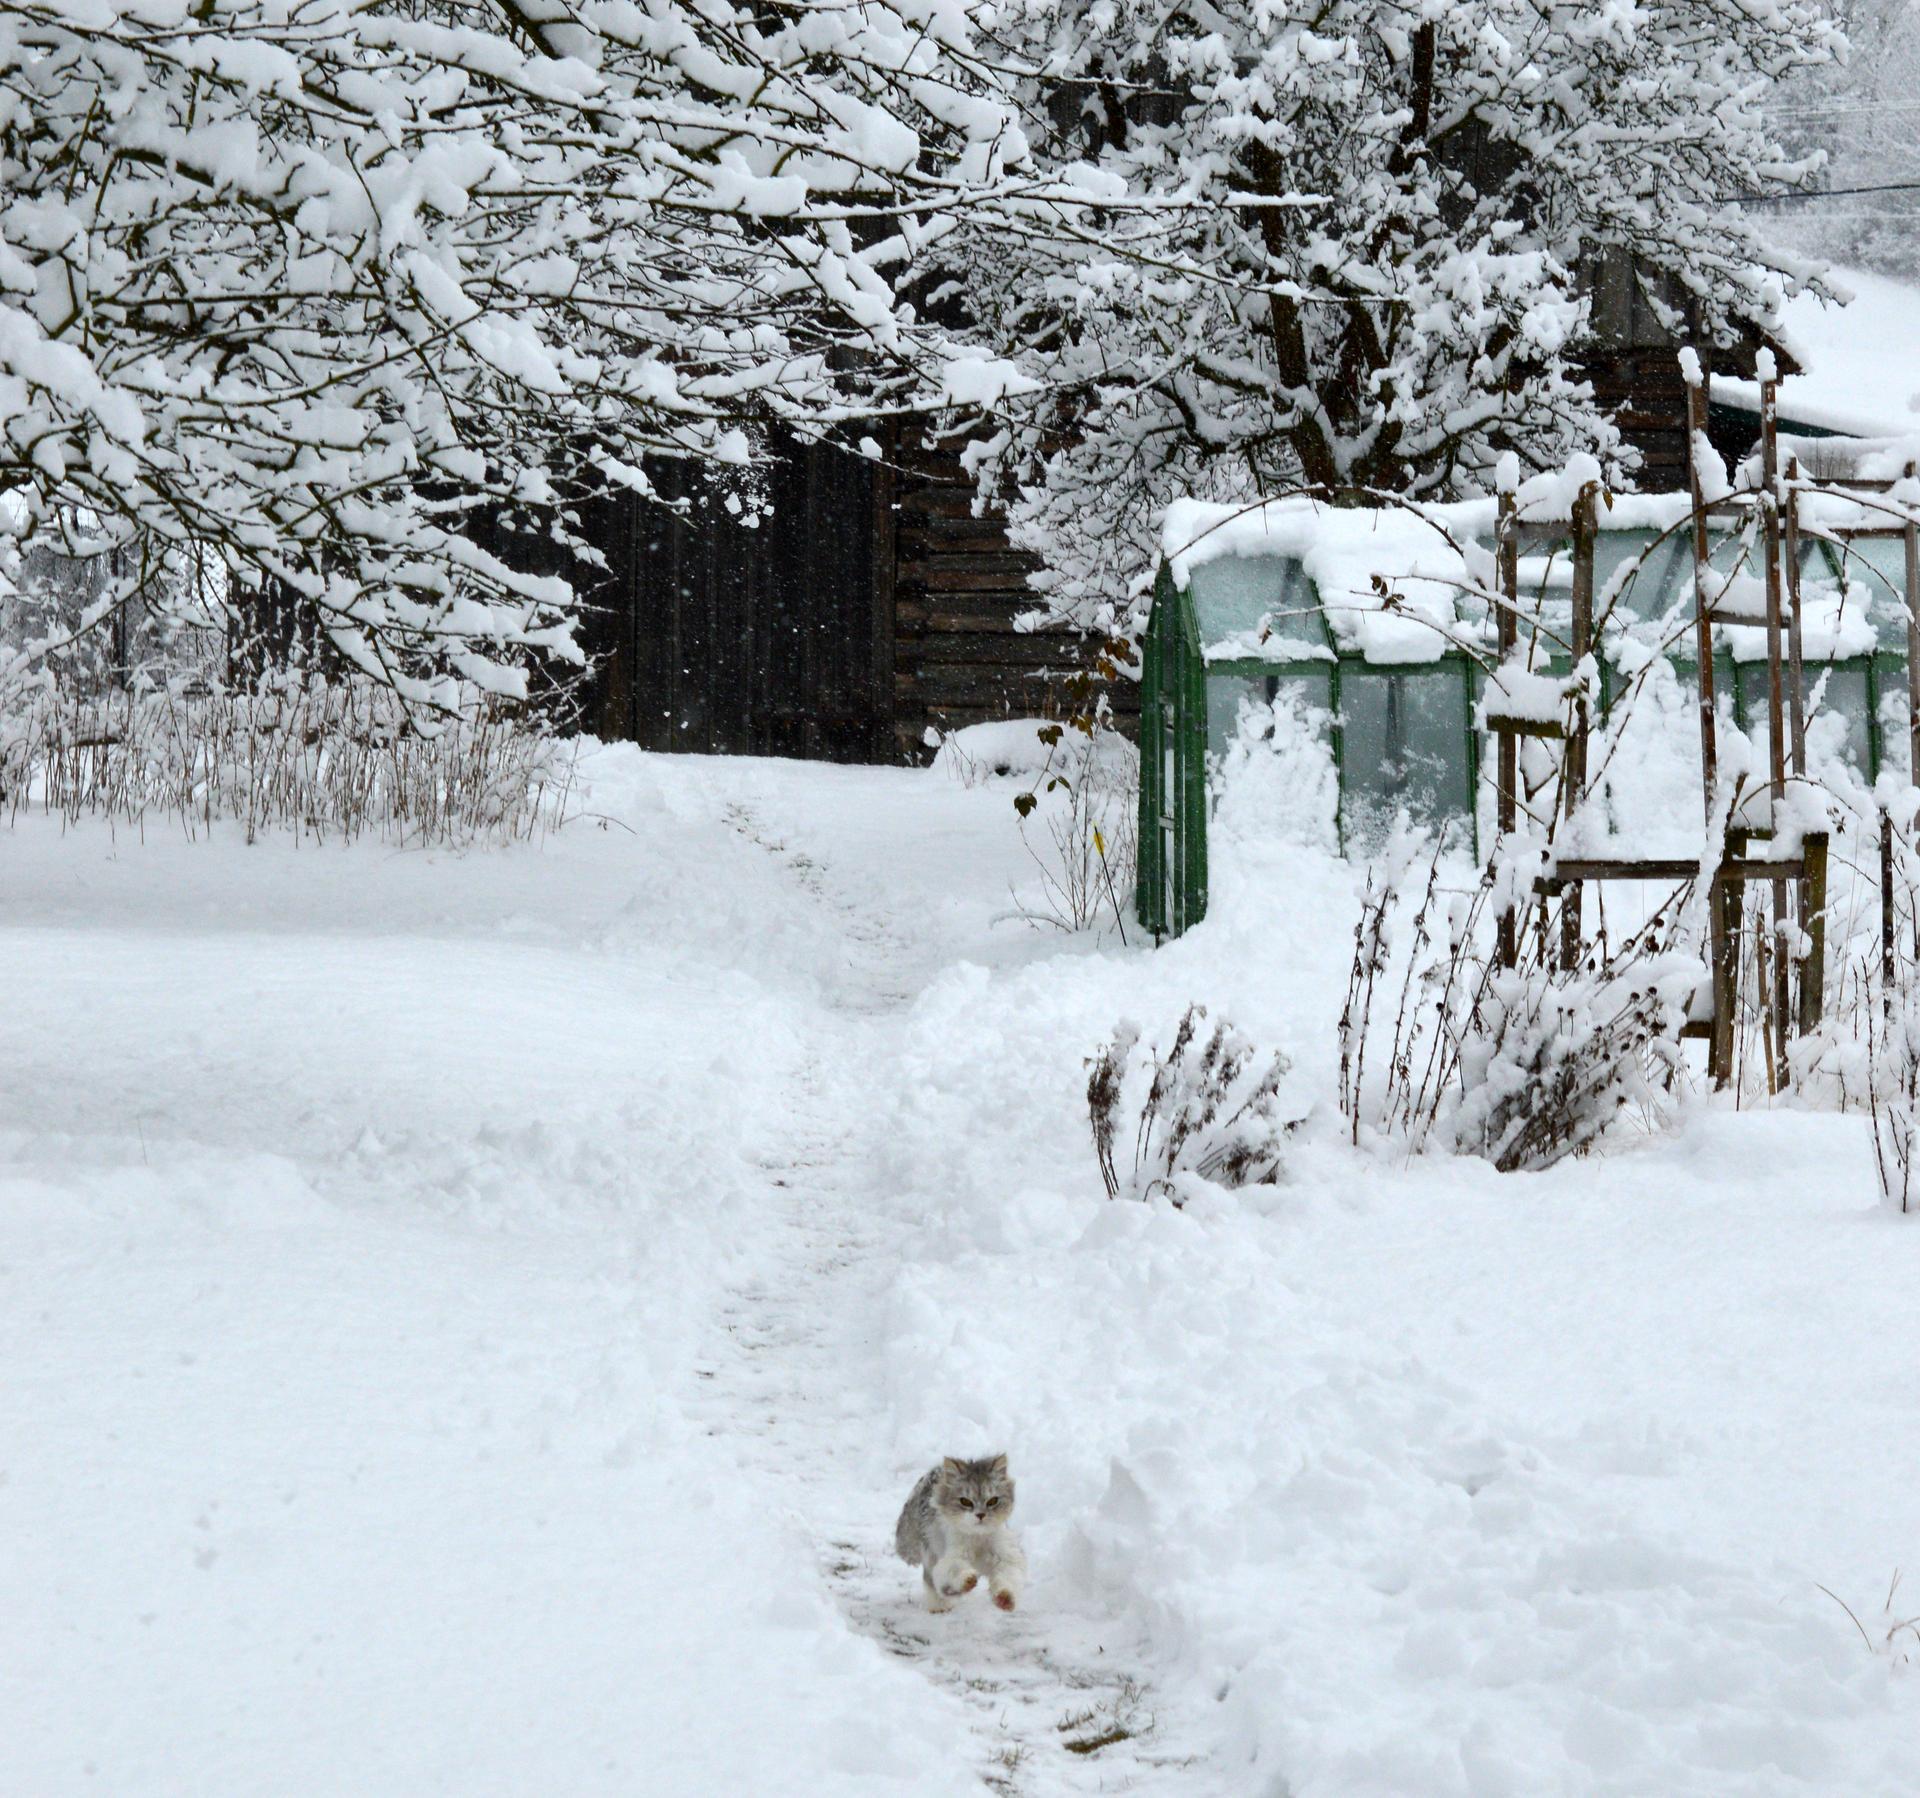 Naša prírodná perma záhradka v roku 2020 - vyletieť na strom, tresnúť do snehu a naháňať sa s Elou, bavilo ho to takmer pol dňa :-)